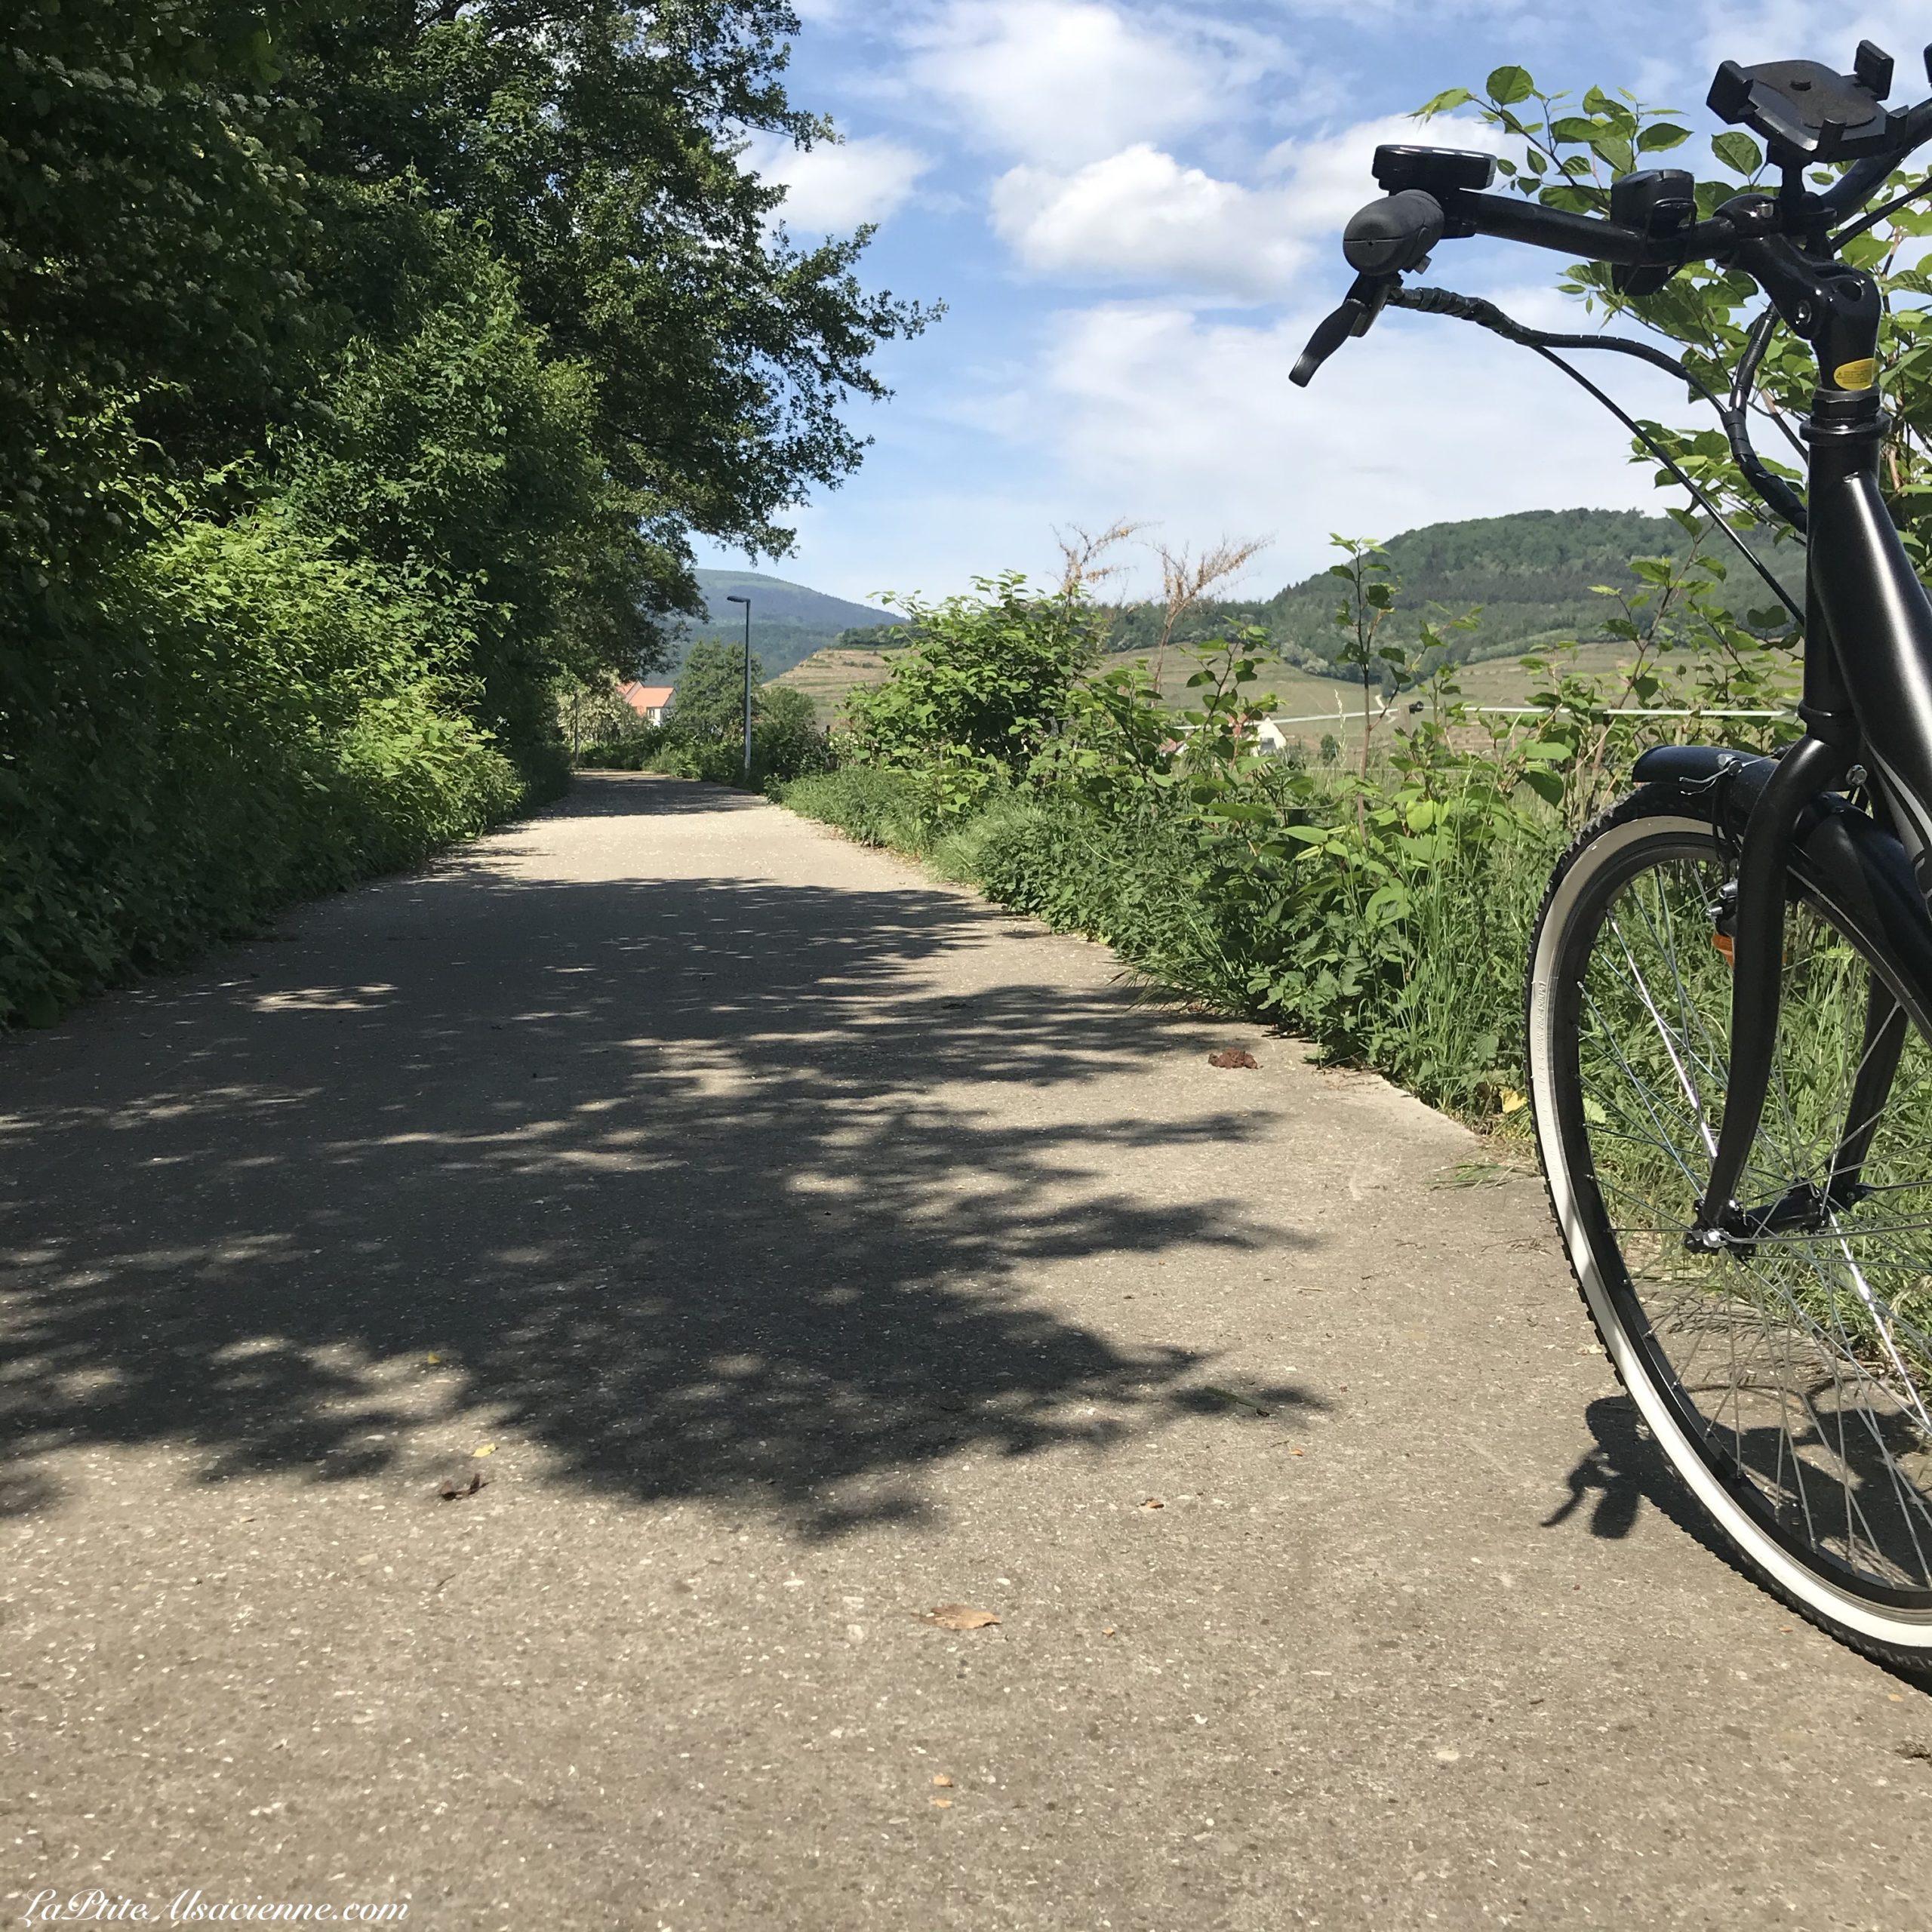 vélo électrique sur piste cyclable en direction de Guebwiller